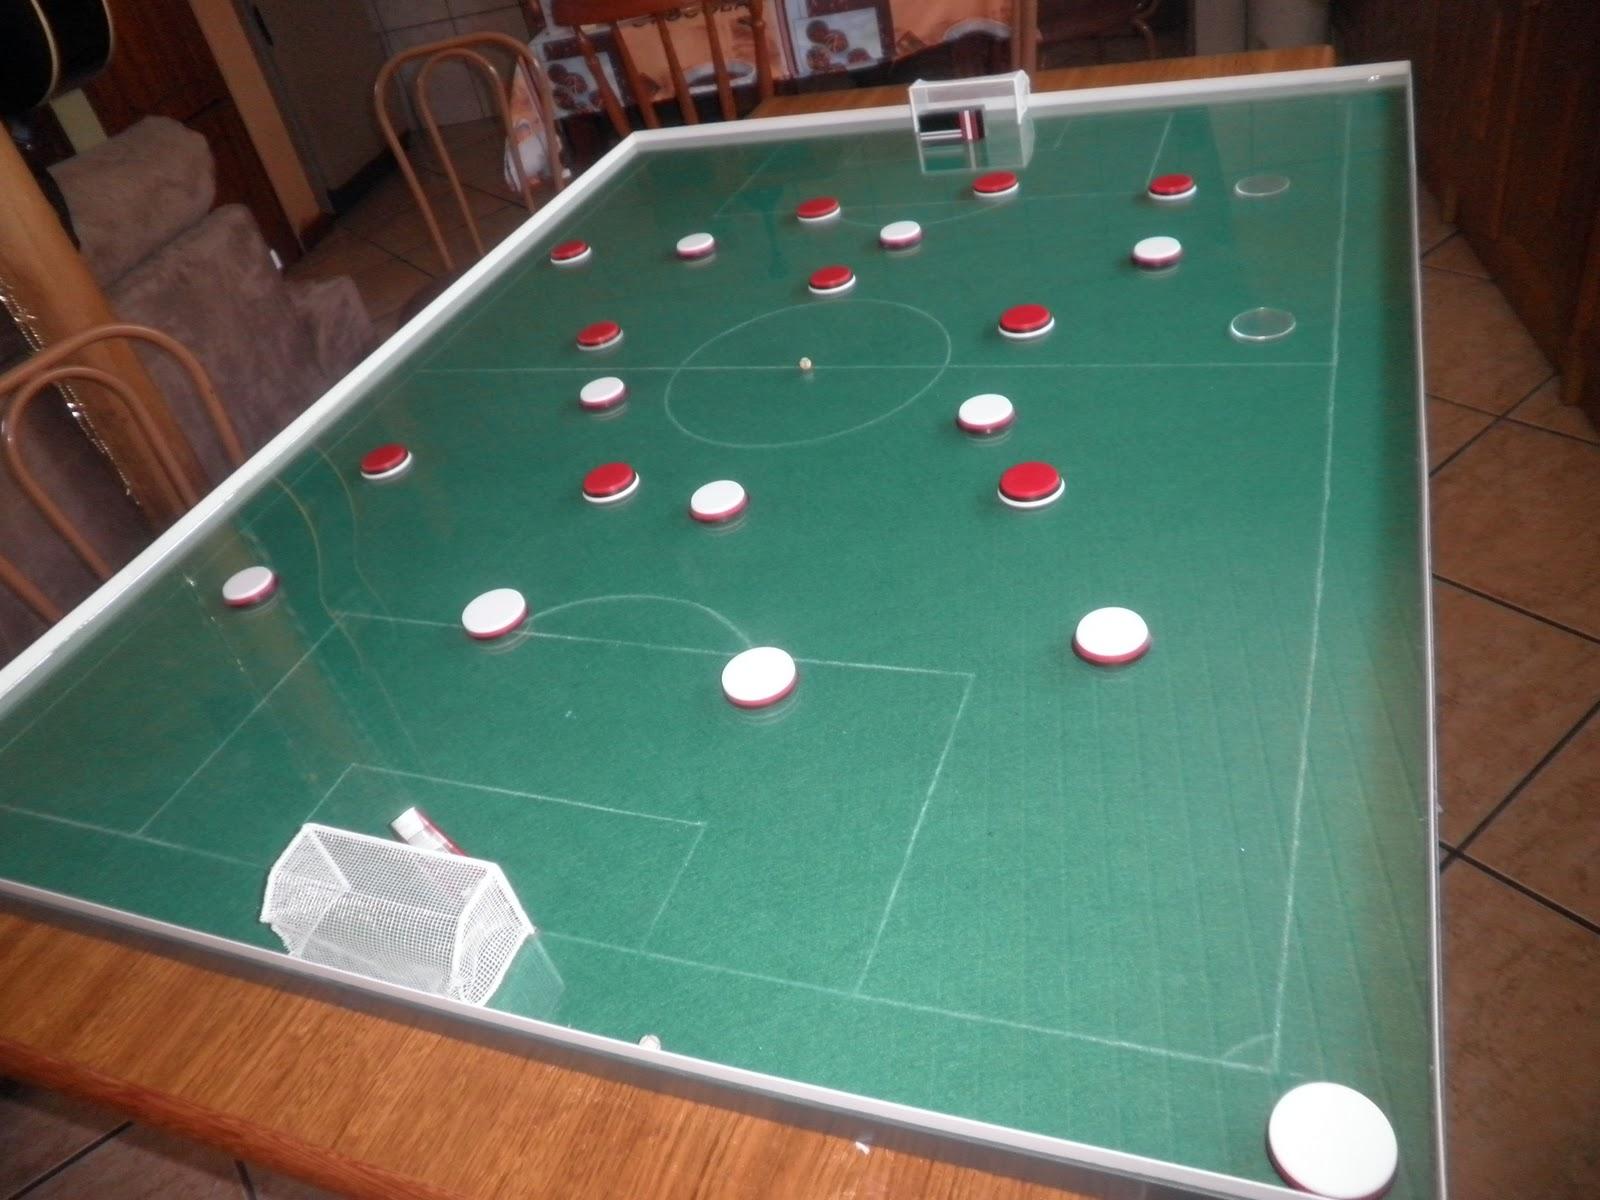 So jogo de futebol